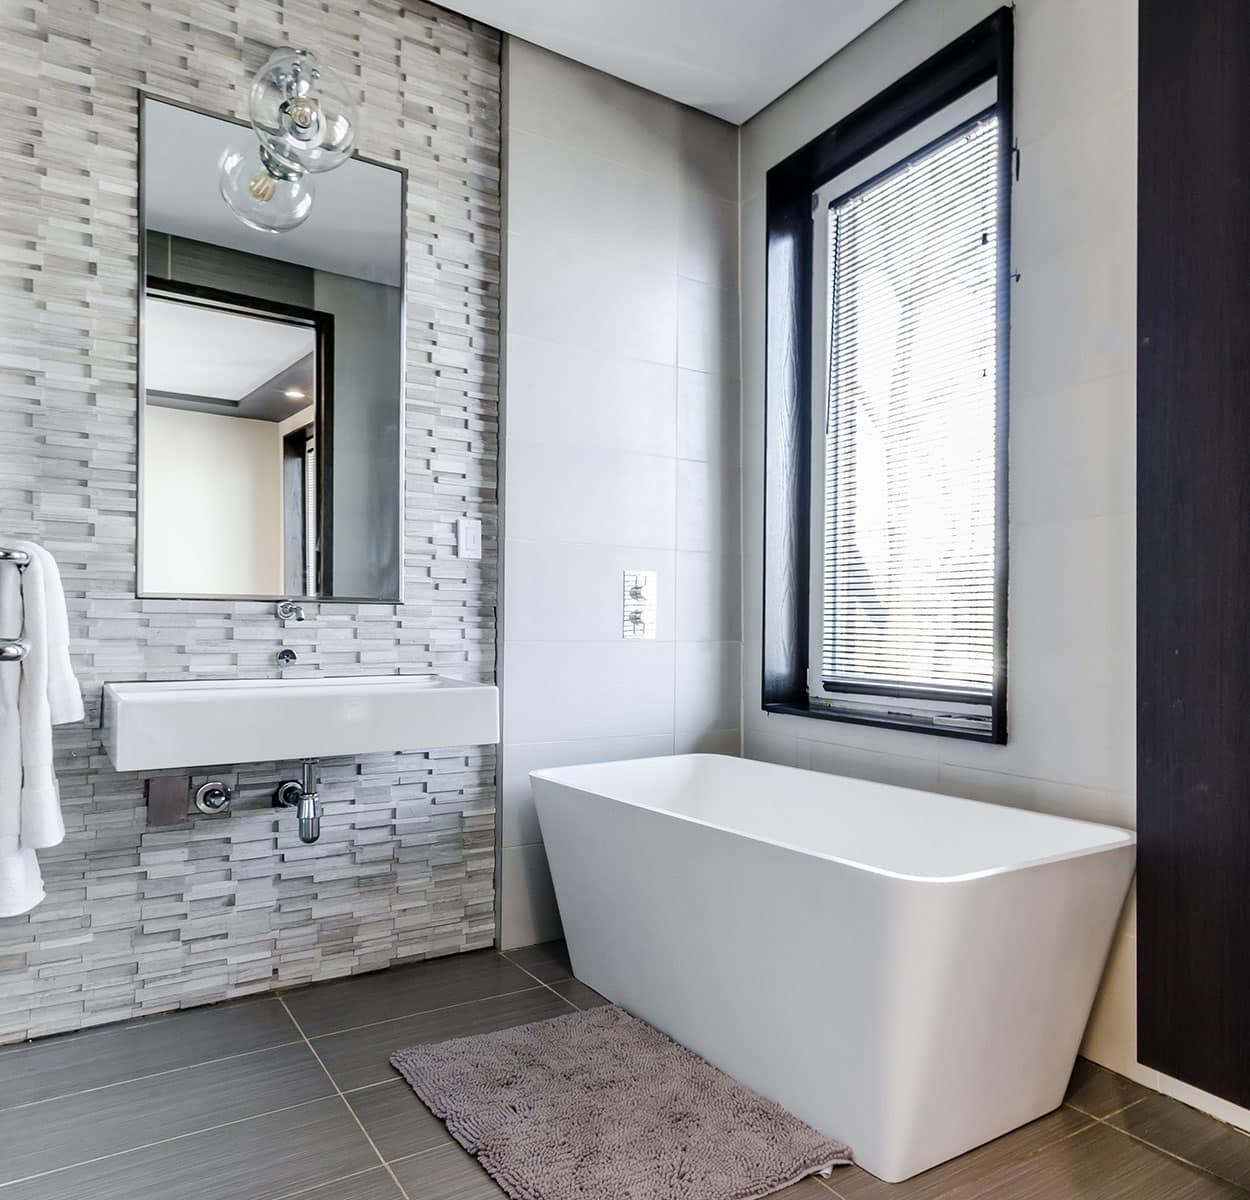 vvs hillerød badeværelse badekar